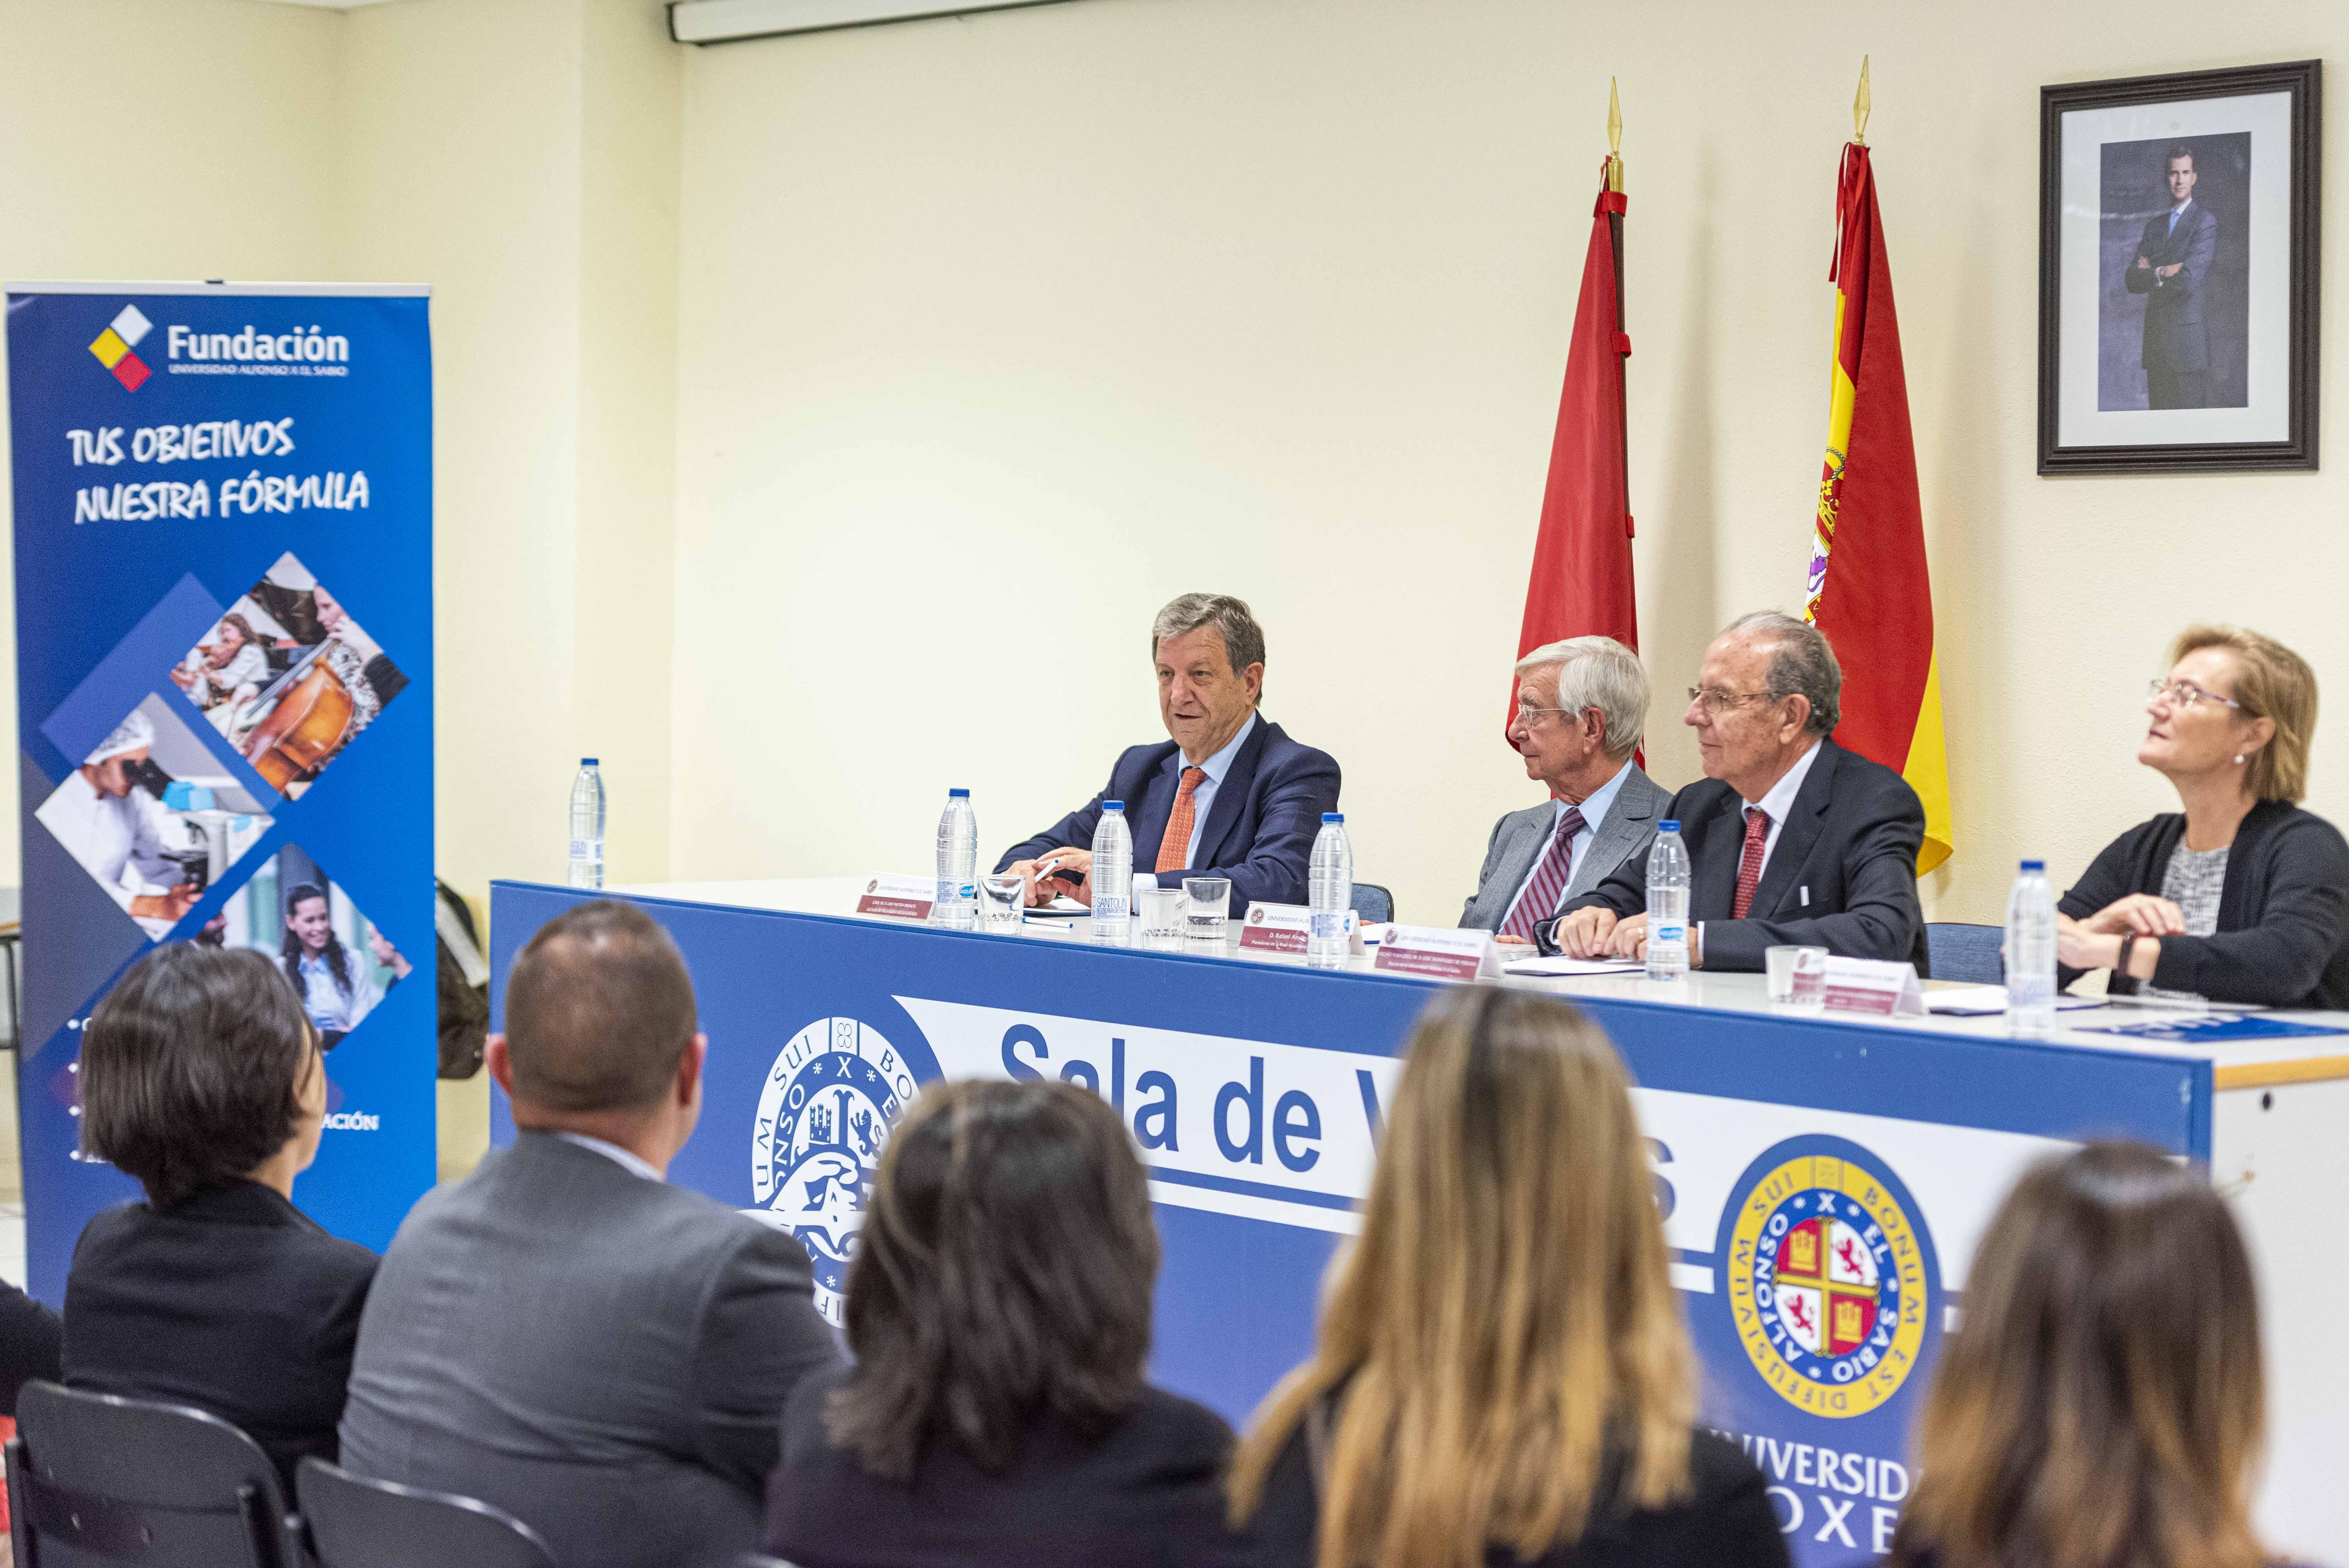 El alcalde, Luis Partida, junto al presidente de la RAG y responsables de la UAX.